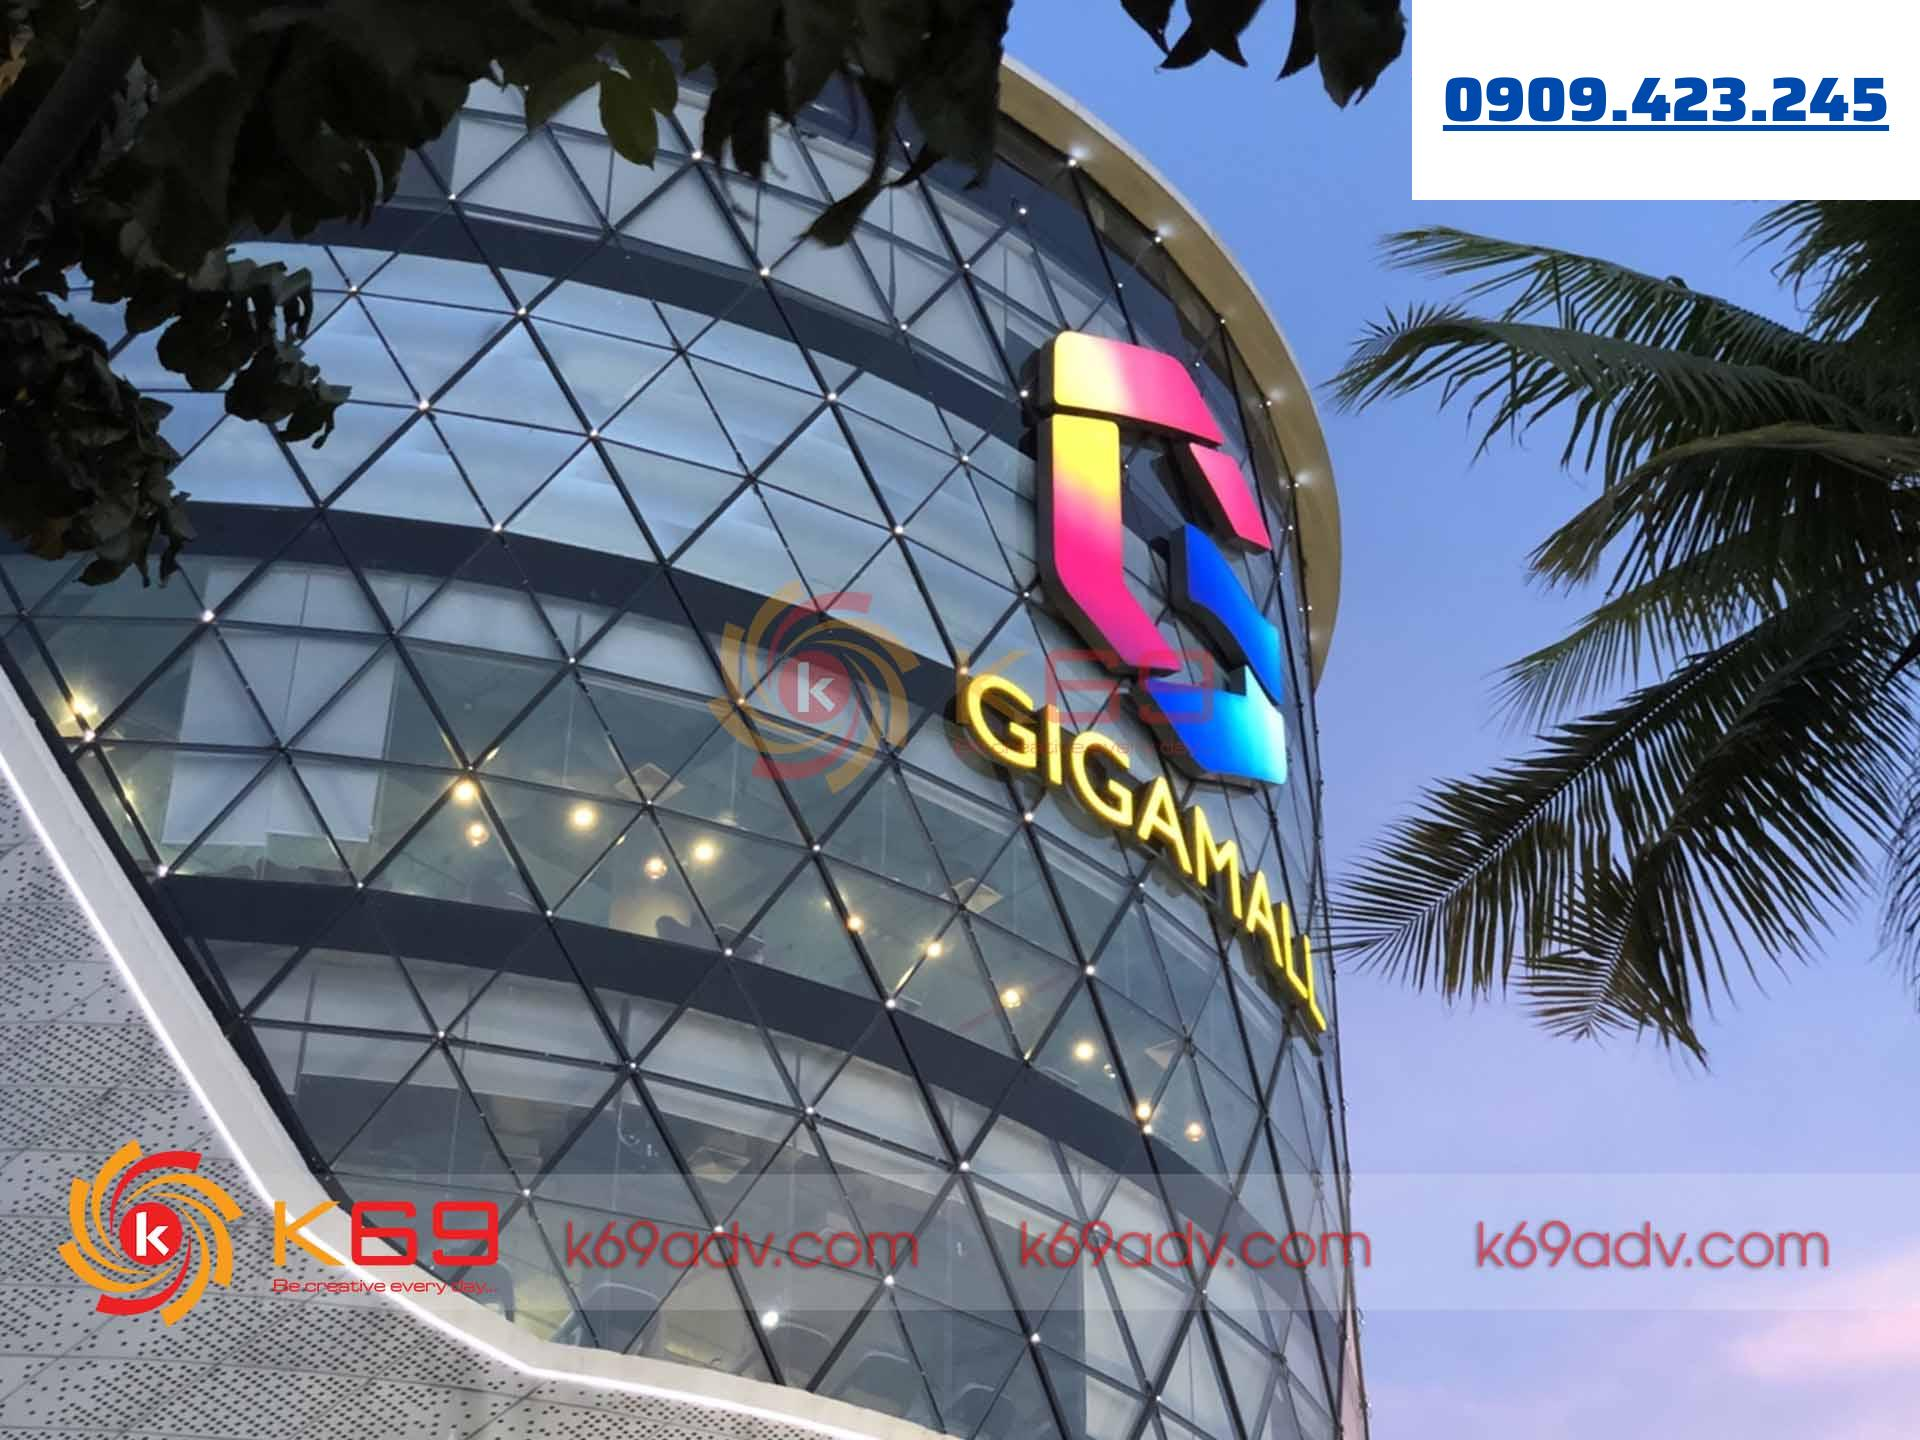 Làm bảng hiệu quảng cáo giga mall tphcm tại K69adv